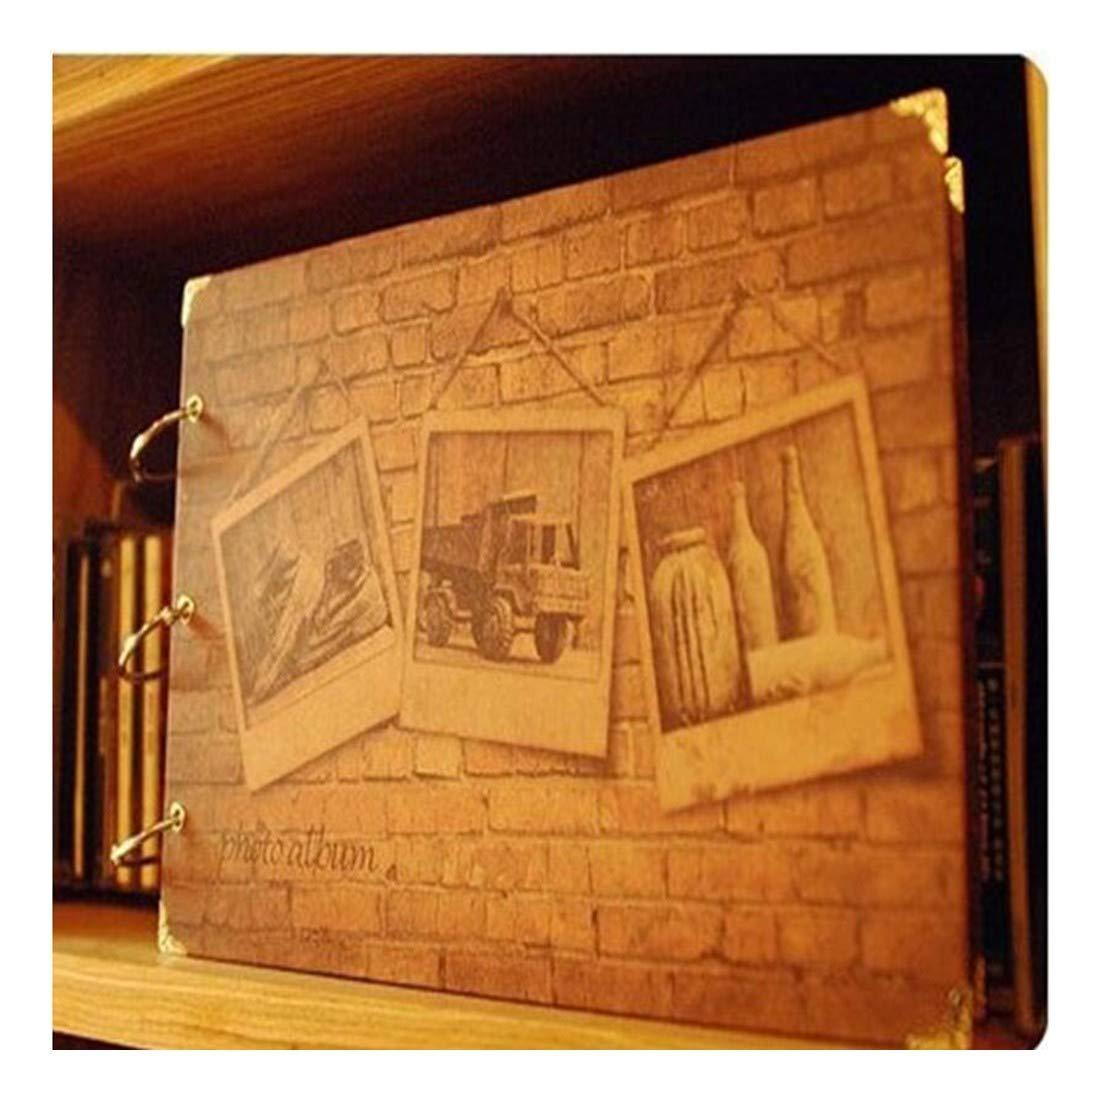 ZHAOXIANGXIANG 10-Pulgadas DIY Parejas Retro Patrón Pared Parejas DIY Álbum Bebé Photo Album Desmalezado Regalos De Cumpleaños Memory Photo Gallery f981a4